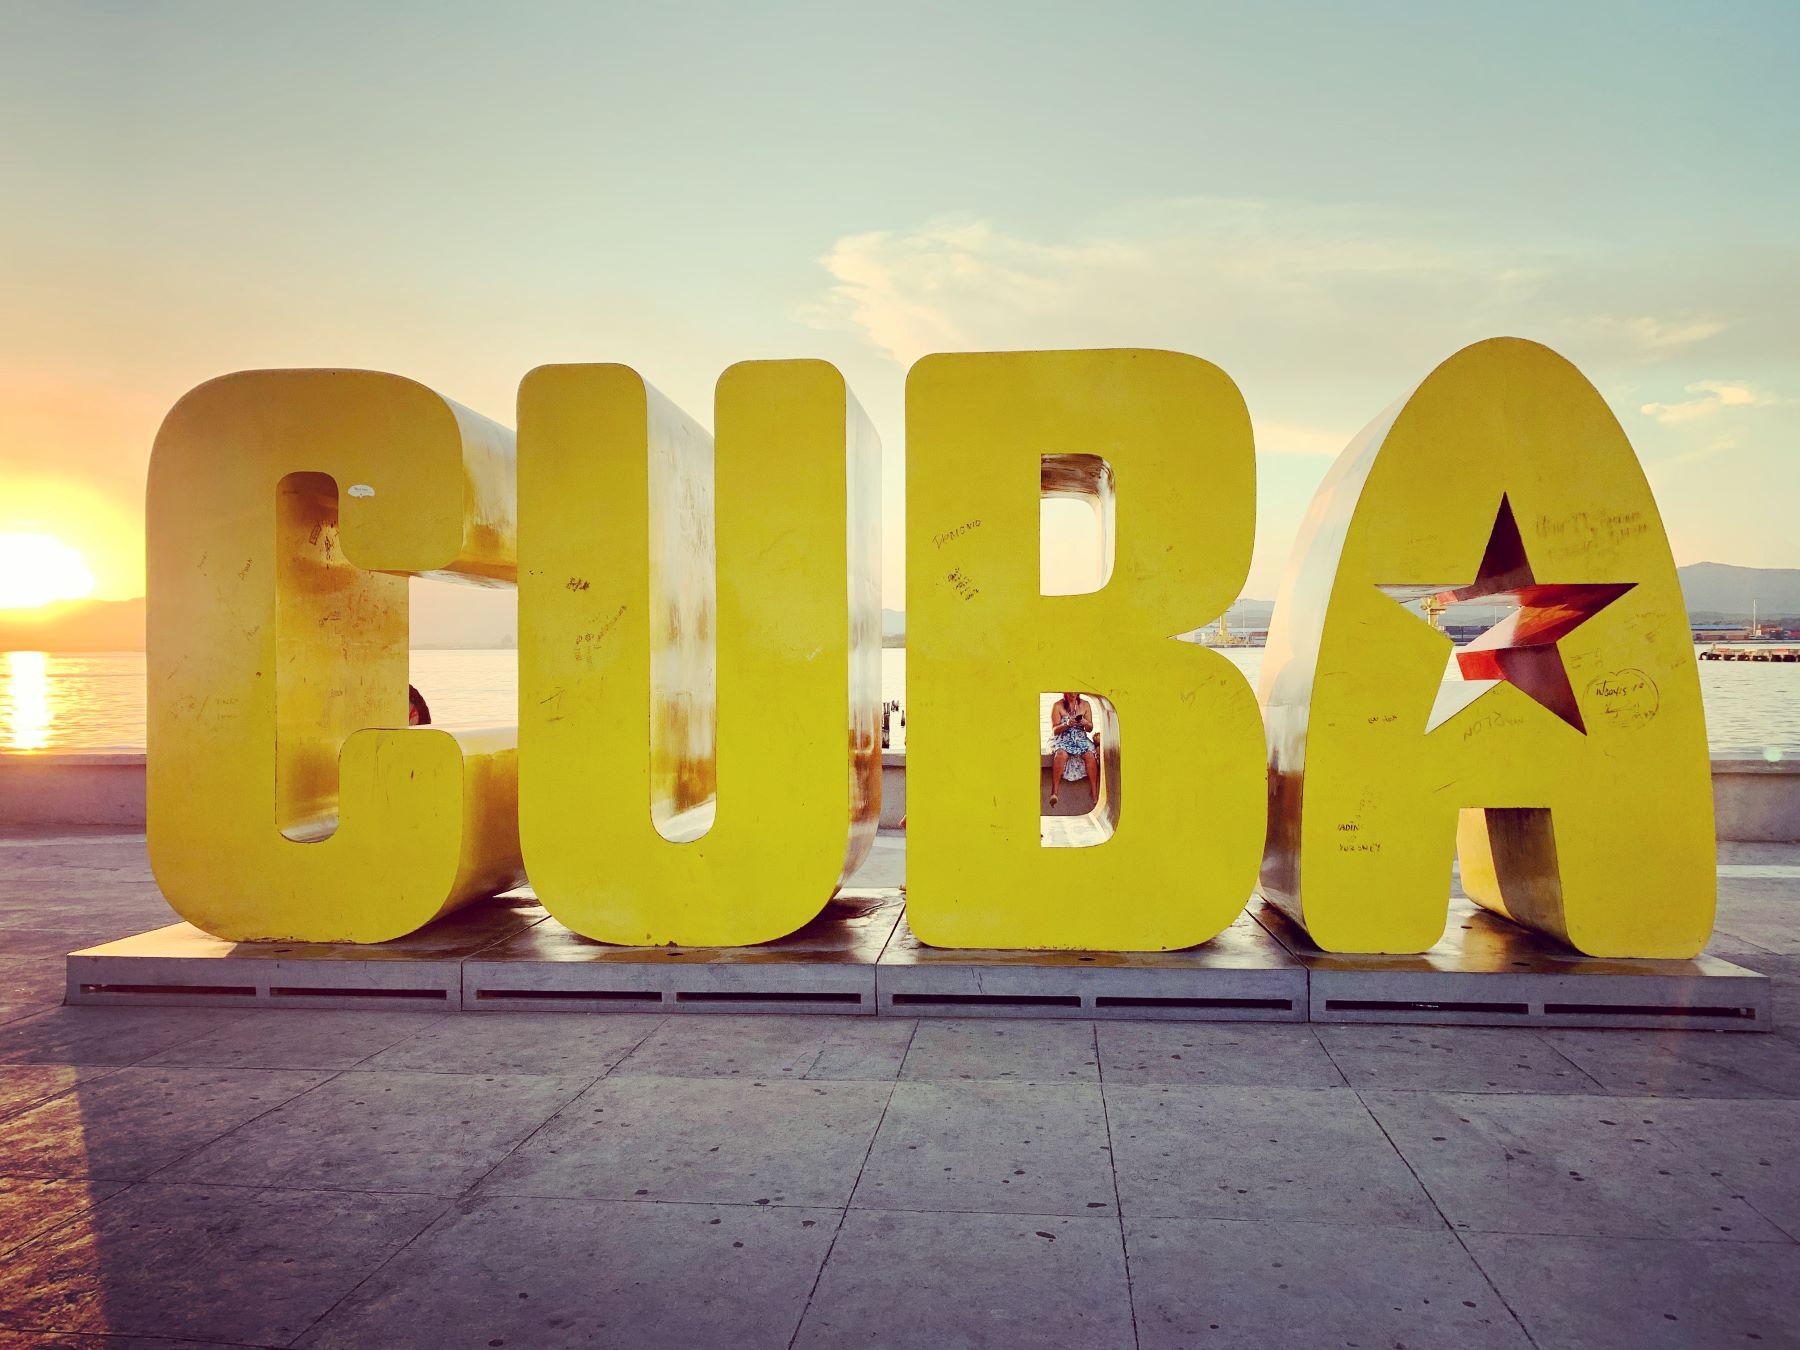 Die Kuba Intensiv-Reise ist einer der Dauerbrenner im Portfolio der Reederei Plantours.